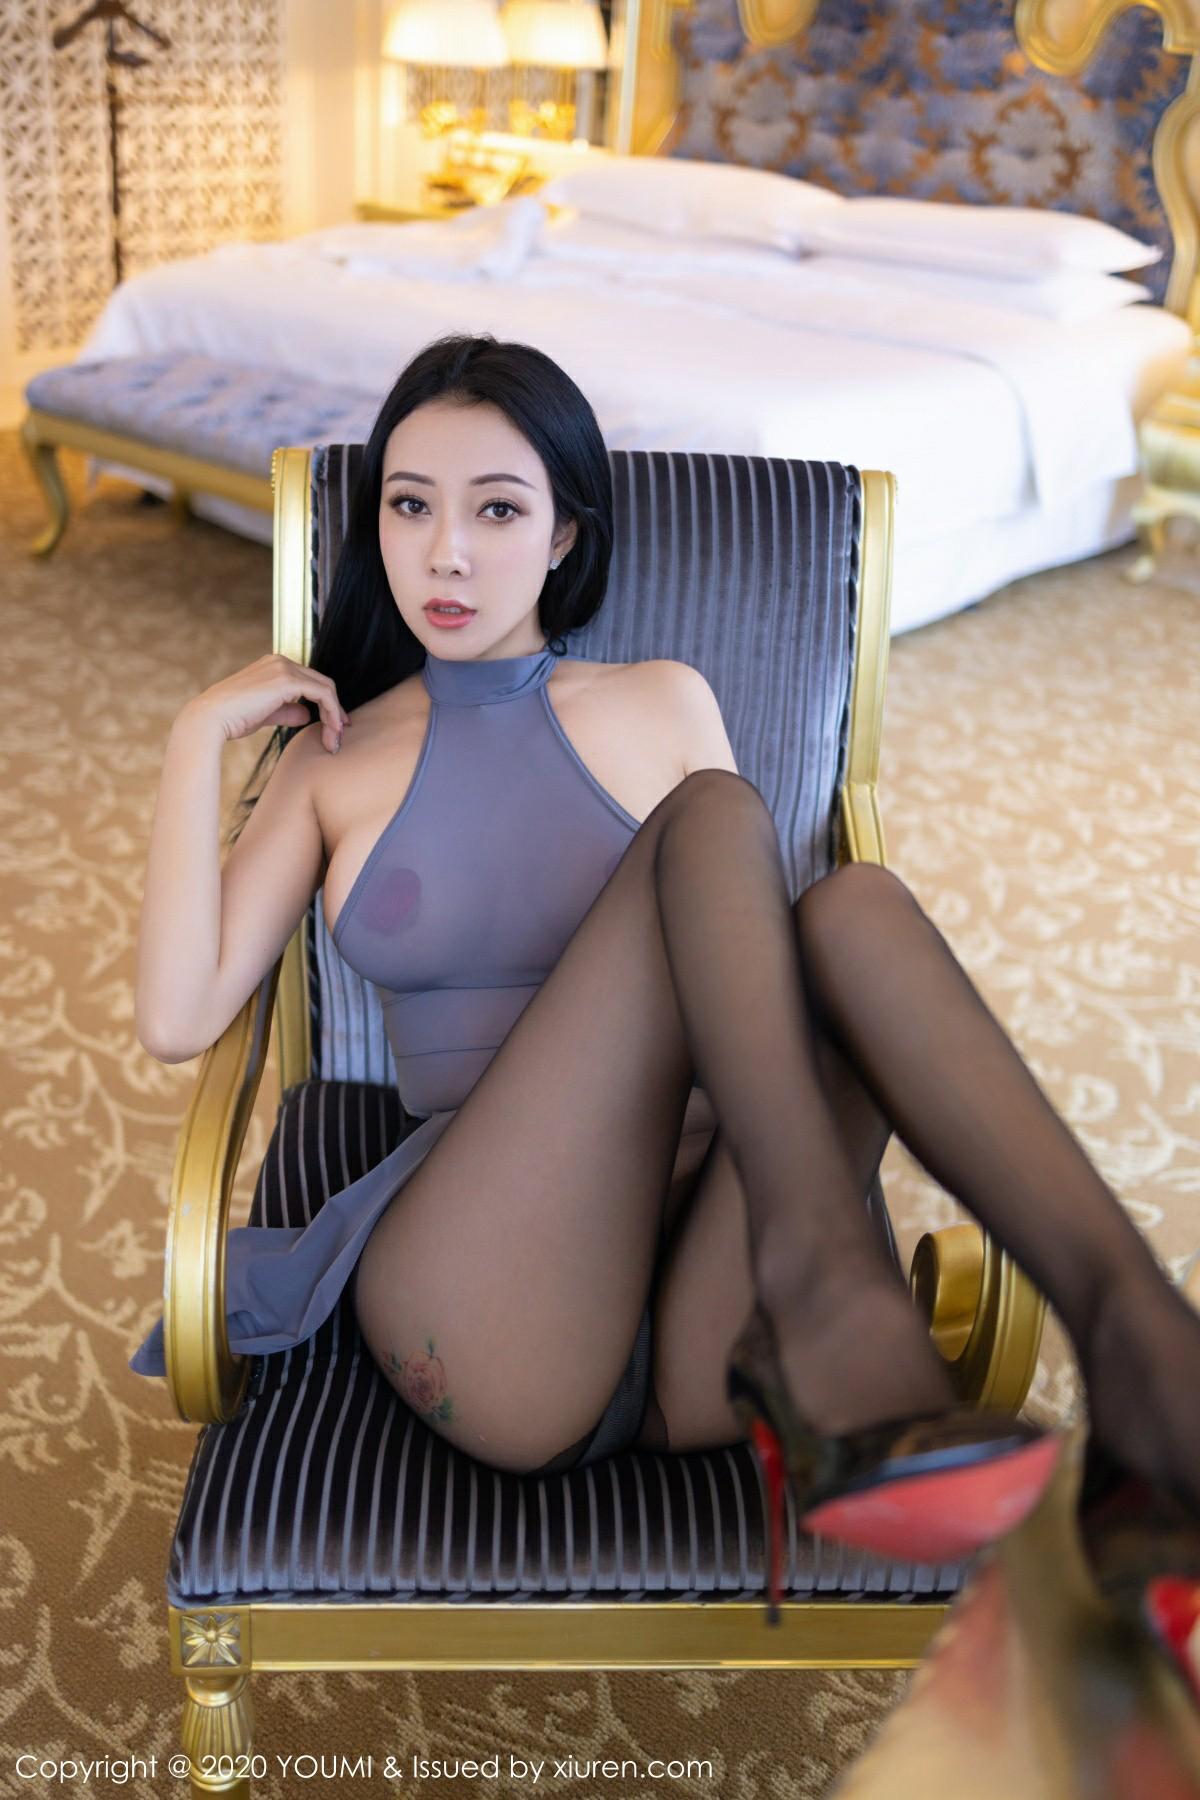 [YOUMI尤蜜荟]2020.02.24 VOL.421 果儿Victoria[44P] 尤蜜荟 第3张